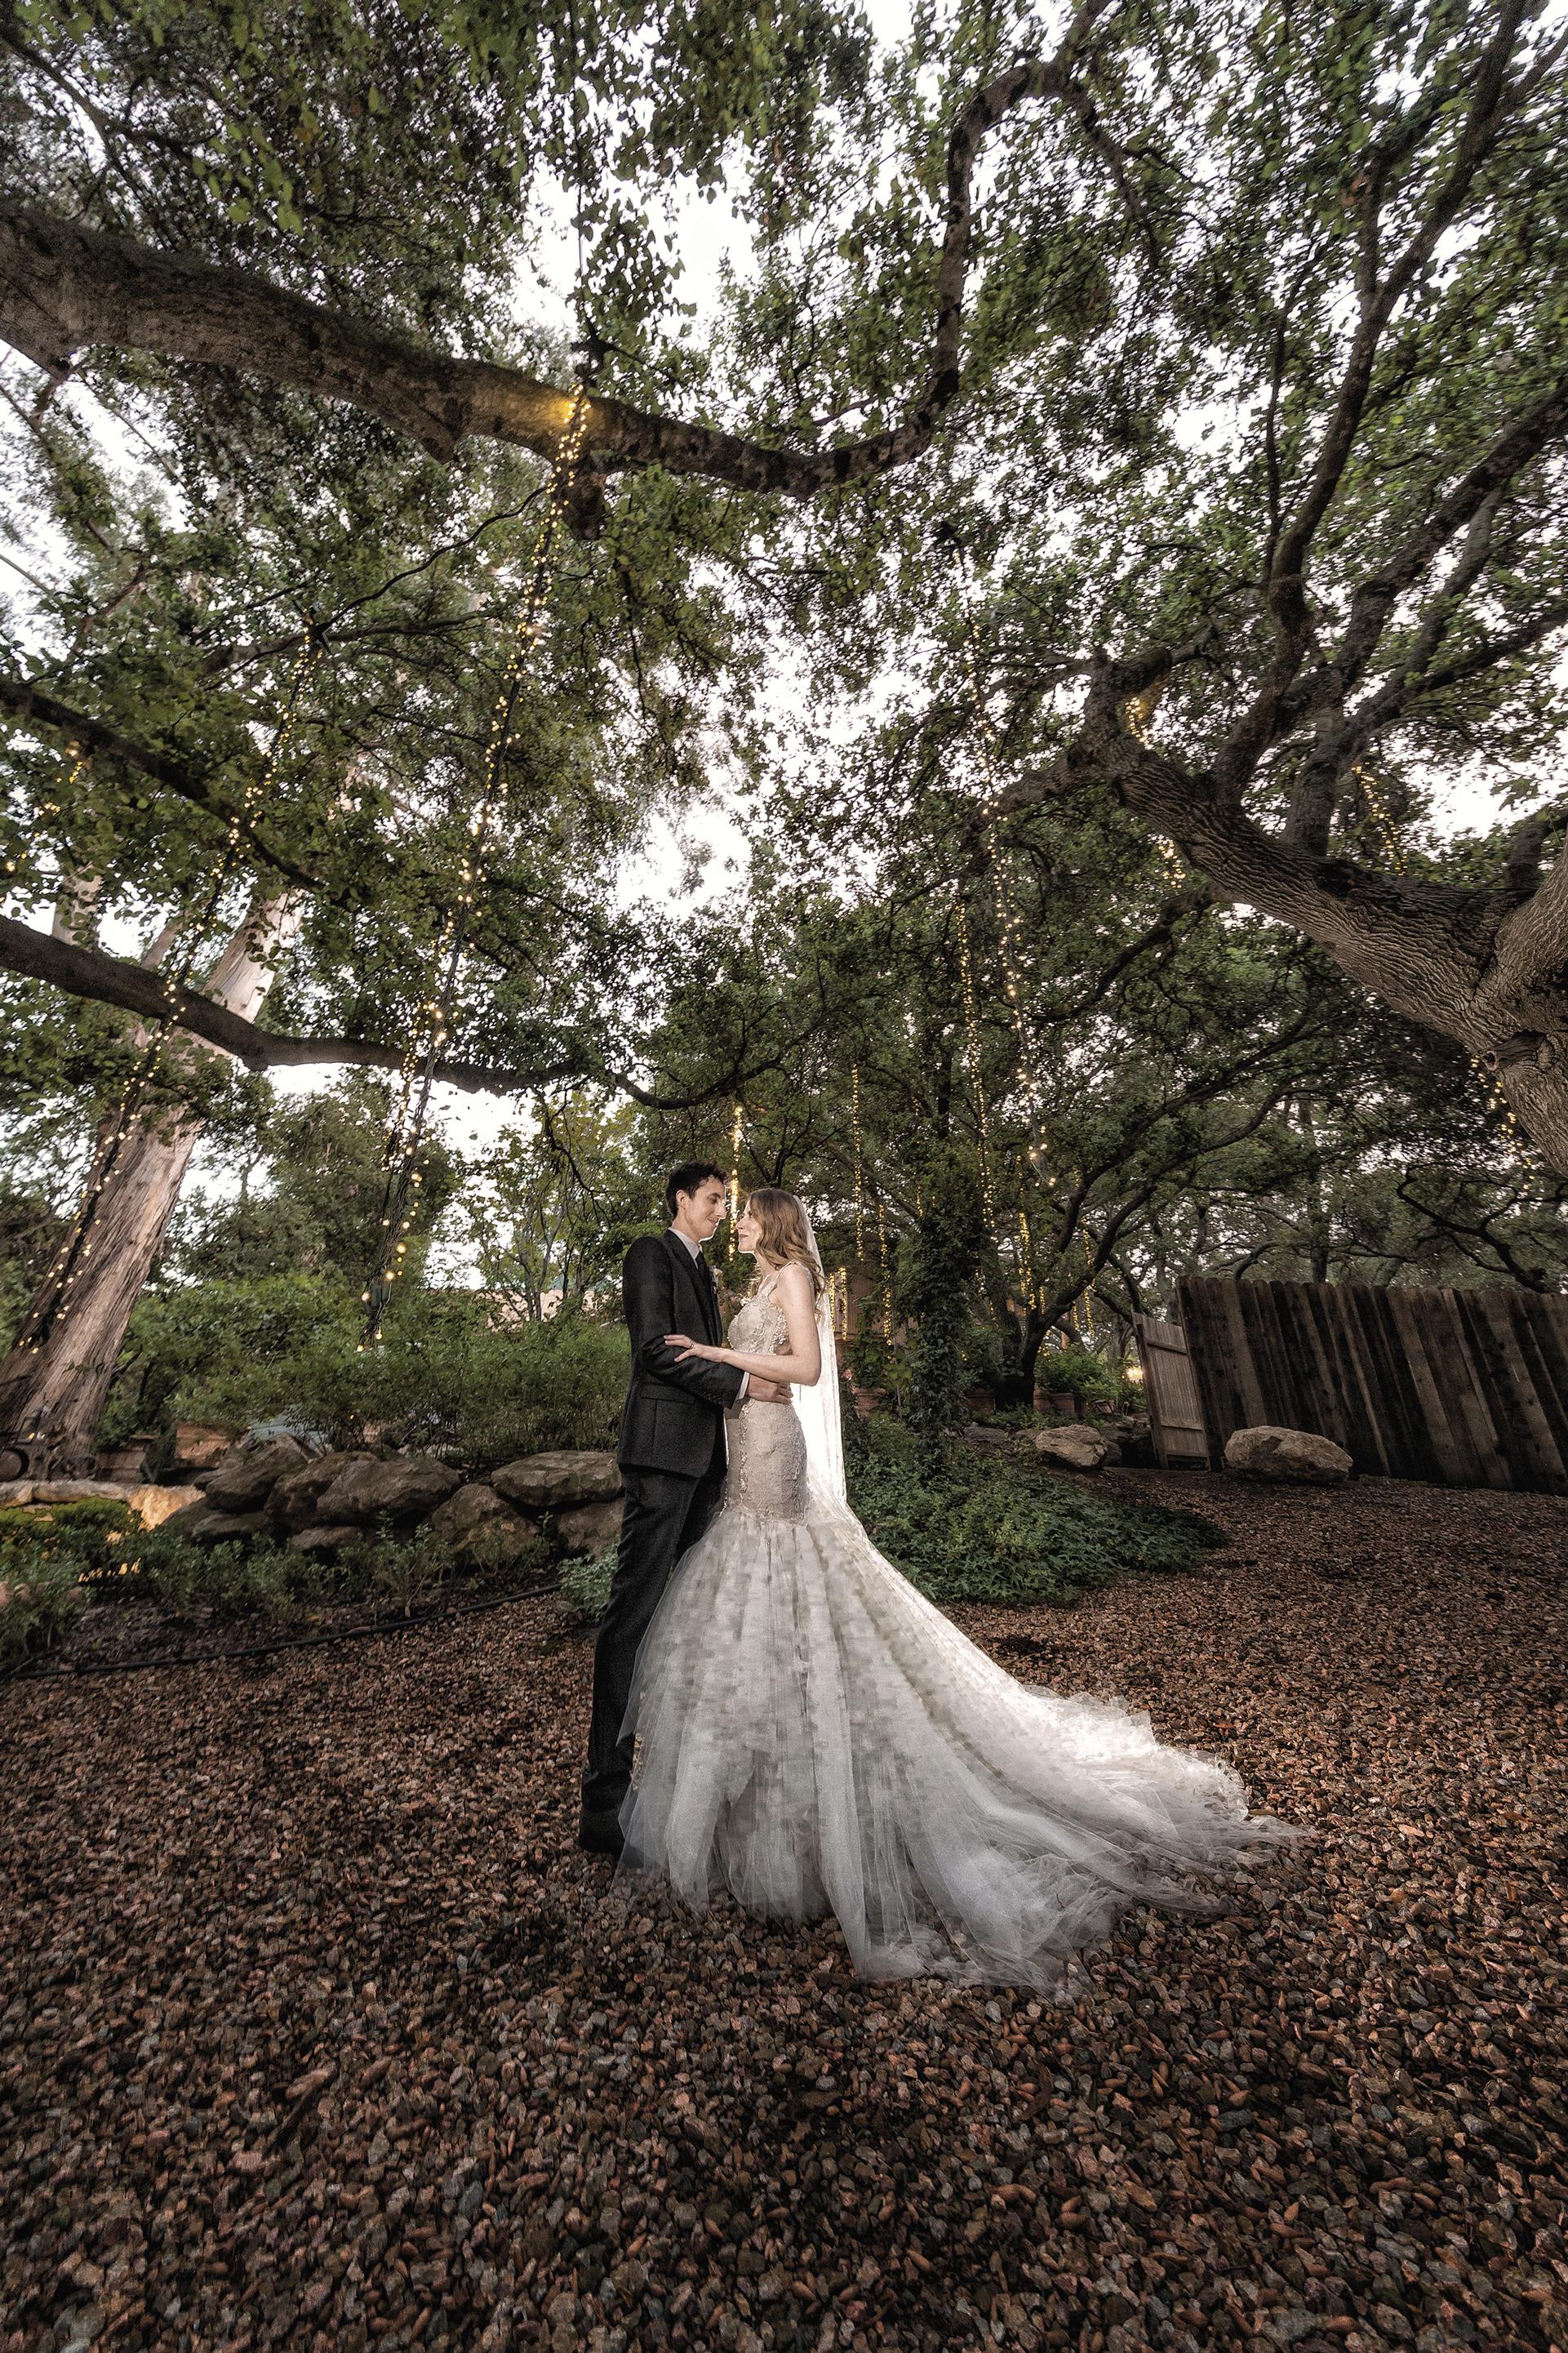 Bridal-FollowTheBride-p6